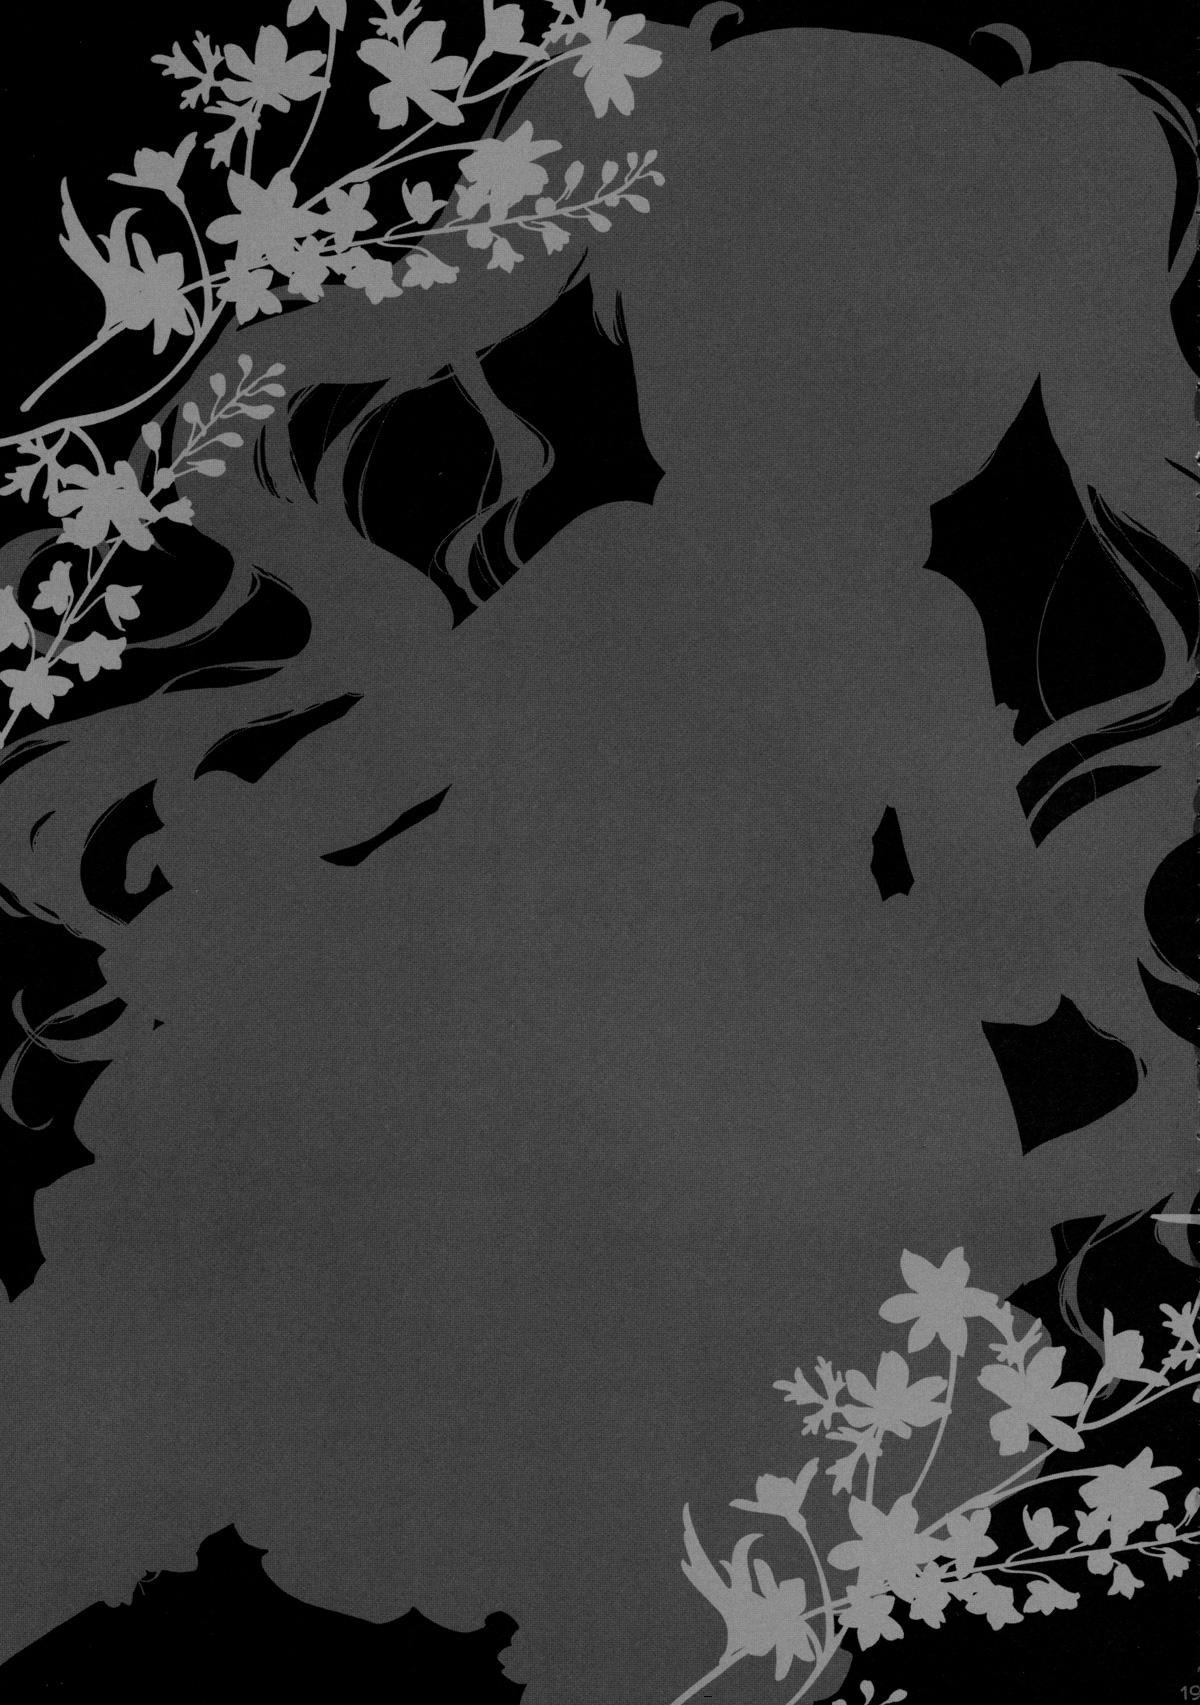 【エロ漫画・エロ同人】ずっと好きだったロリ幼女な生徒と付き合う事になってエッチし放題でサイコーw中出しが好きって言うからガッツリ中出ししたったwww 素直にさせないで! (20)